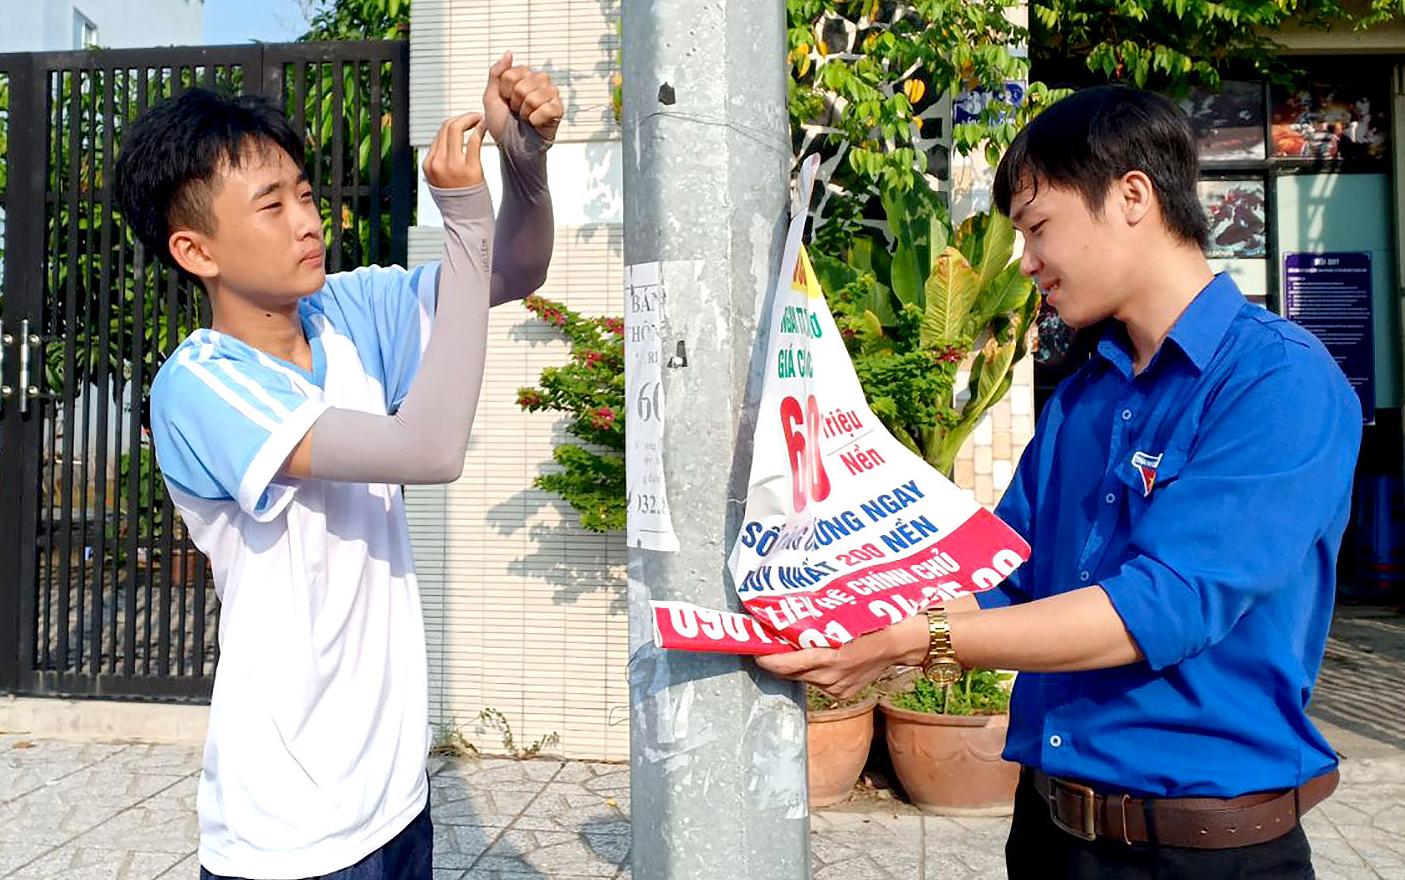 Các bạn đoàn viên tháo dỡ những quảng cáo trái phép trên cây xanh  ở đường Đồng Văn Cống.